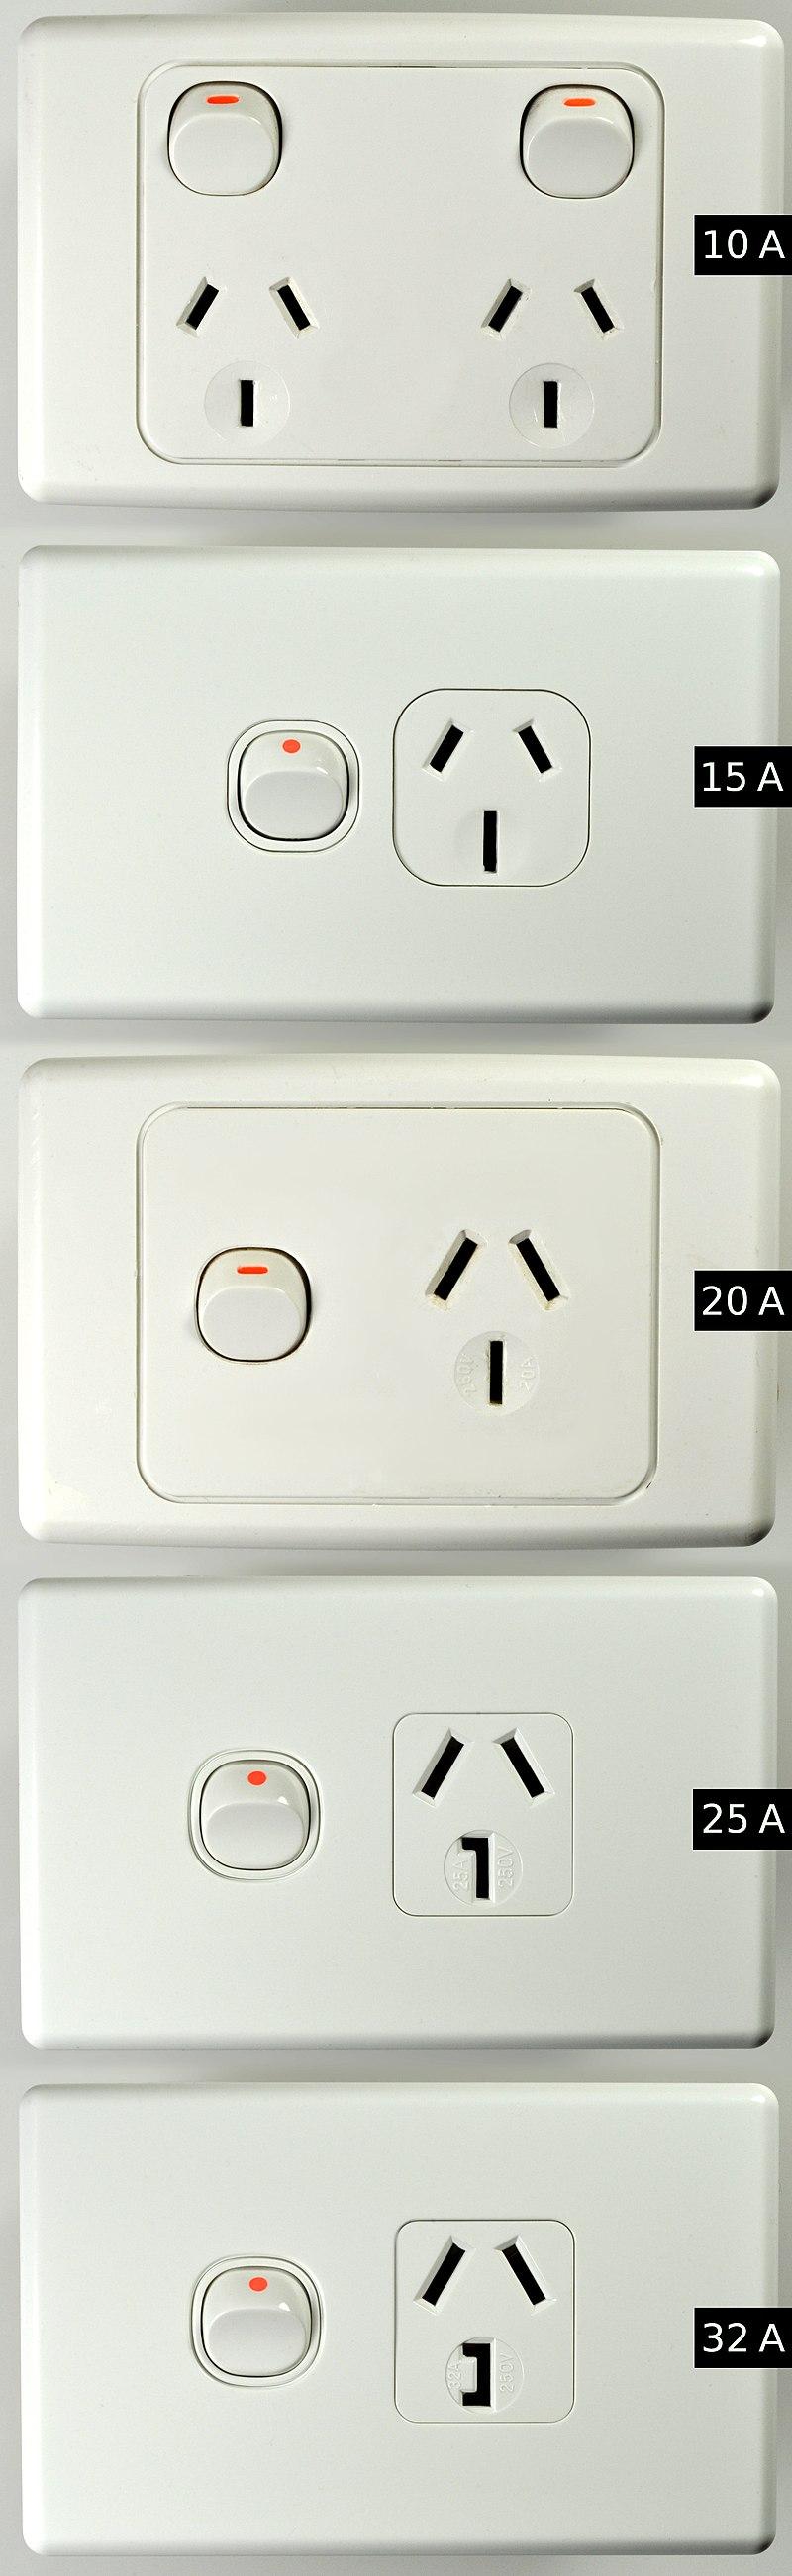 800px-Australian_mains_socket_styles_for